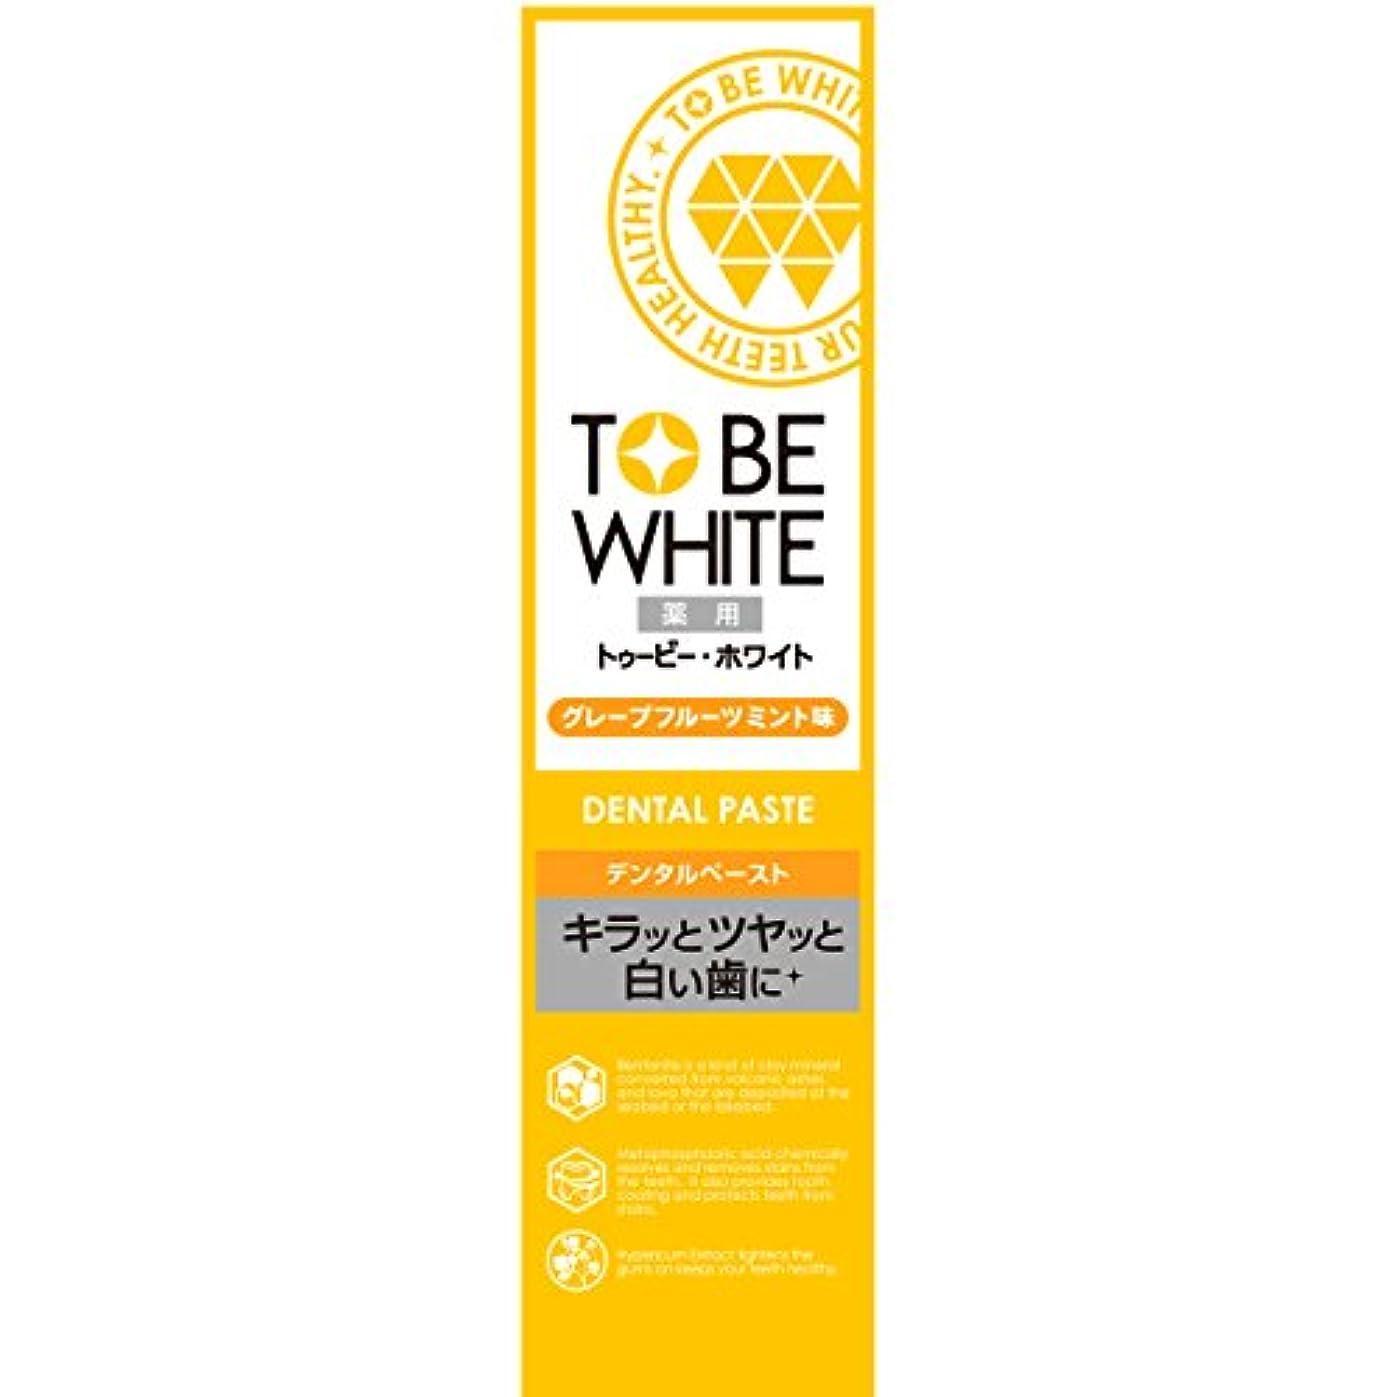 後最初に本物のトゥービー?ホワイト 薬用 ホワイトニング ハミガキ粉 グレープフルーツミント 味 60g 【医薬部外品】